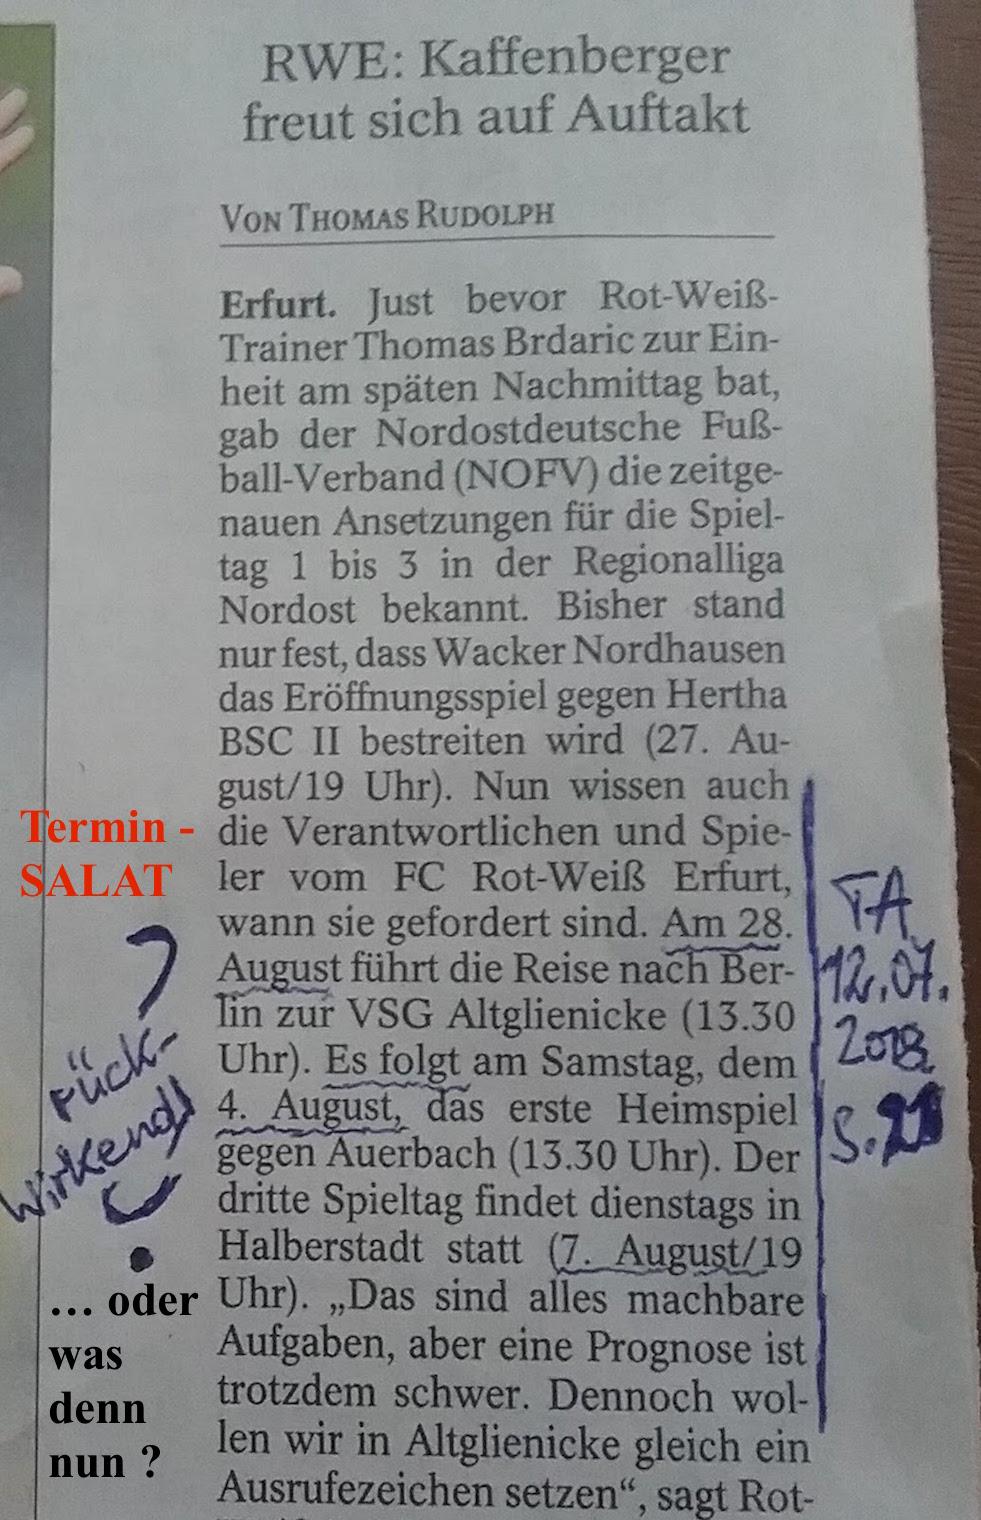 ThürAllgem_TA_2018.07.12 TerminSalat